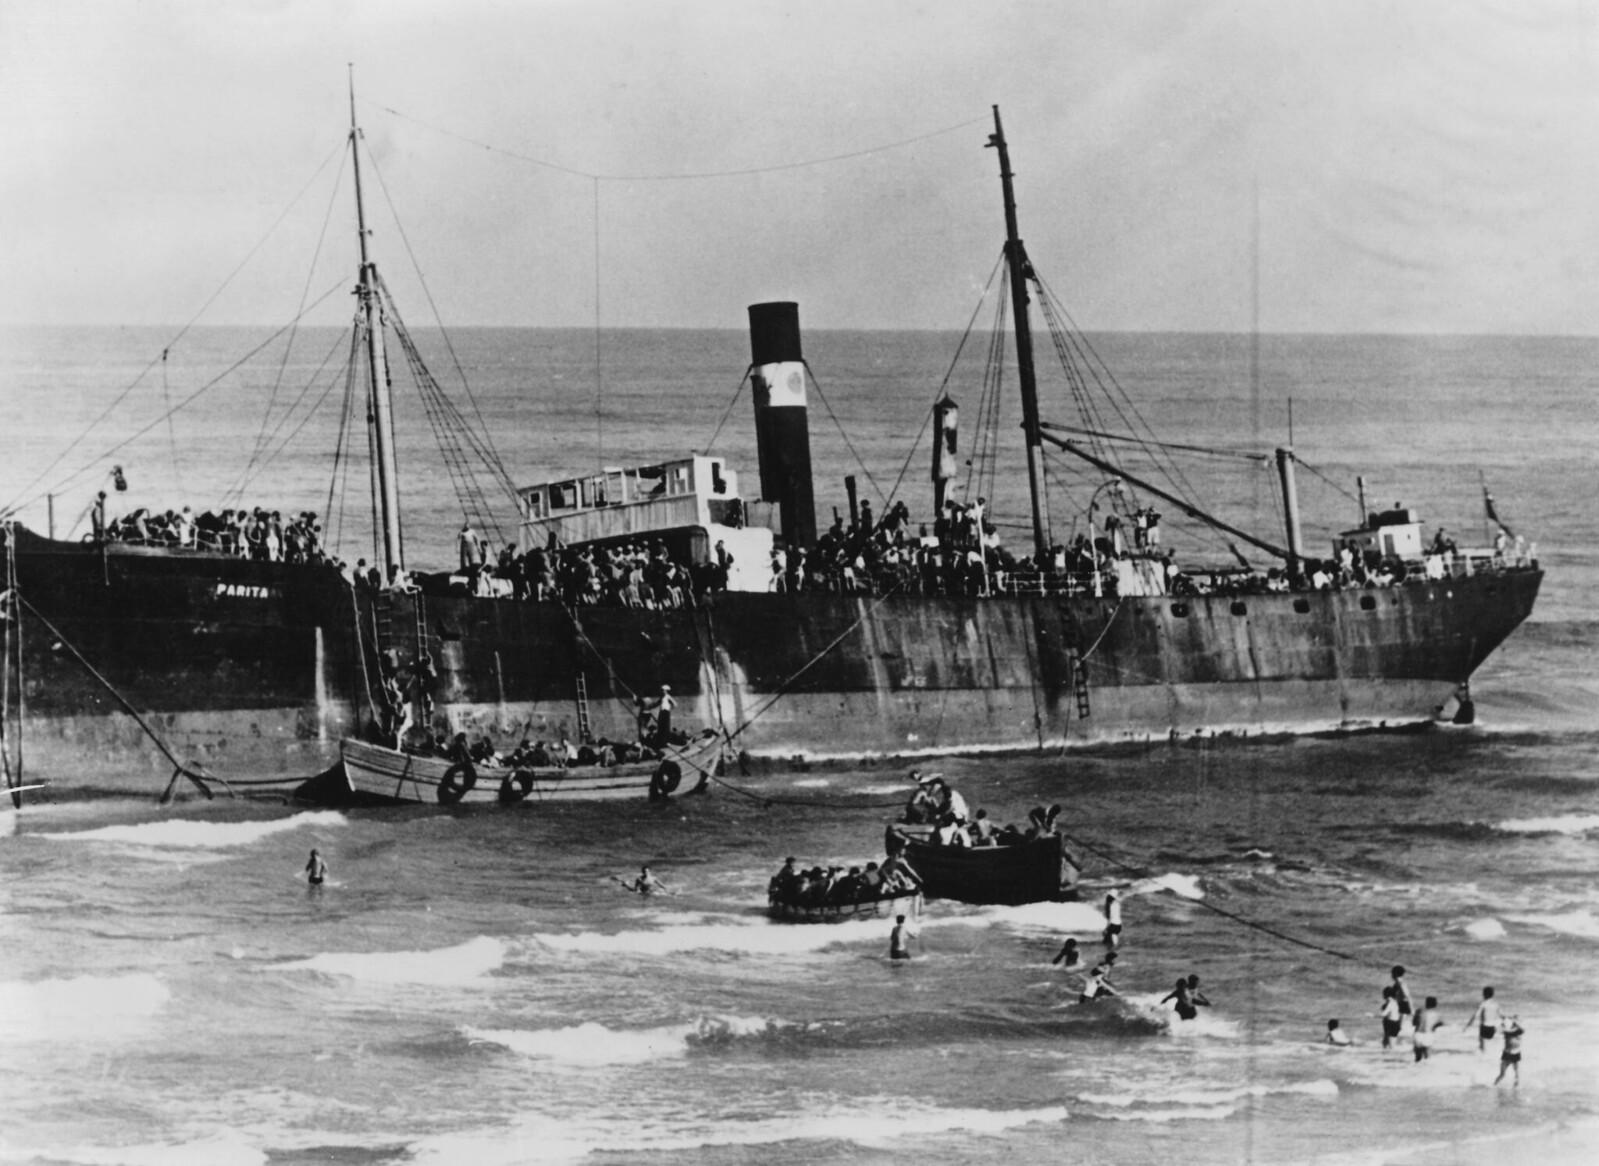 16. С помощью местных жителей около 800 еврейских беженцев начинают высадку с корабля SS Parita, стоящего на берегу моря в Тель-Авиве, Палестина, 22 августа